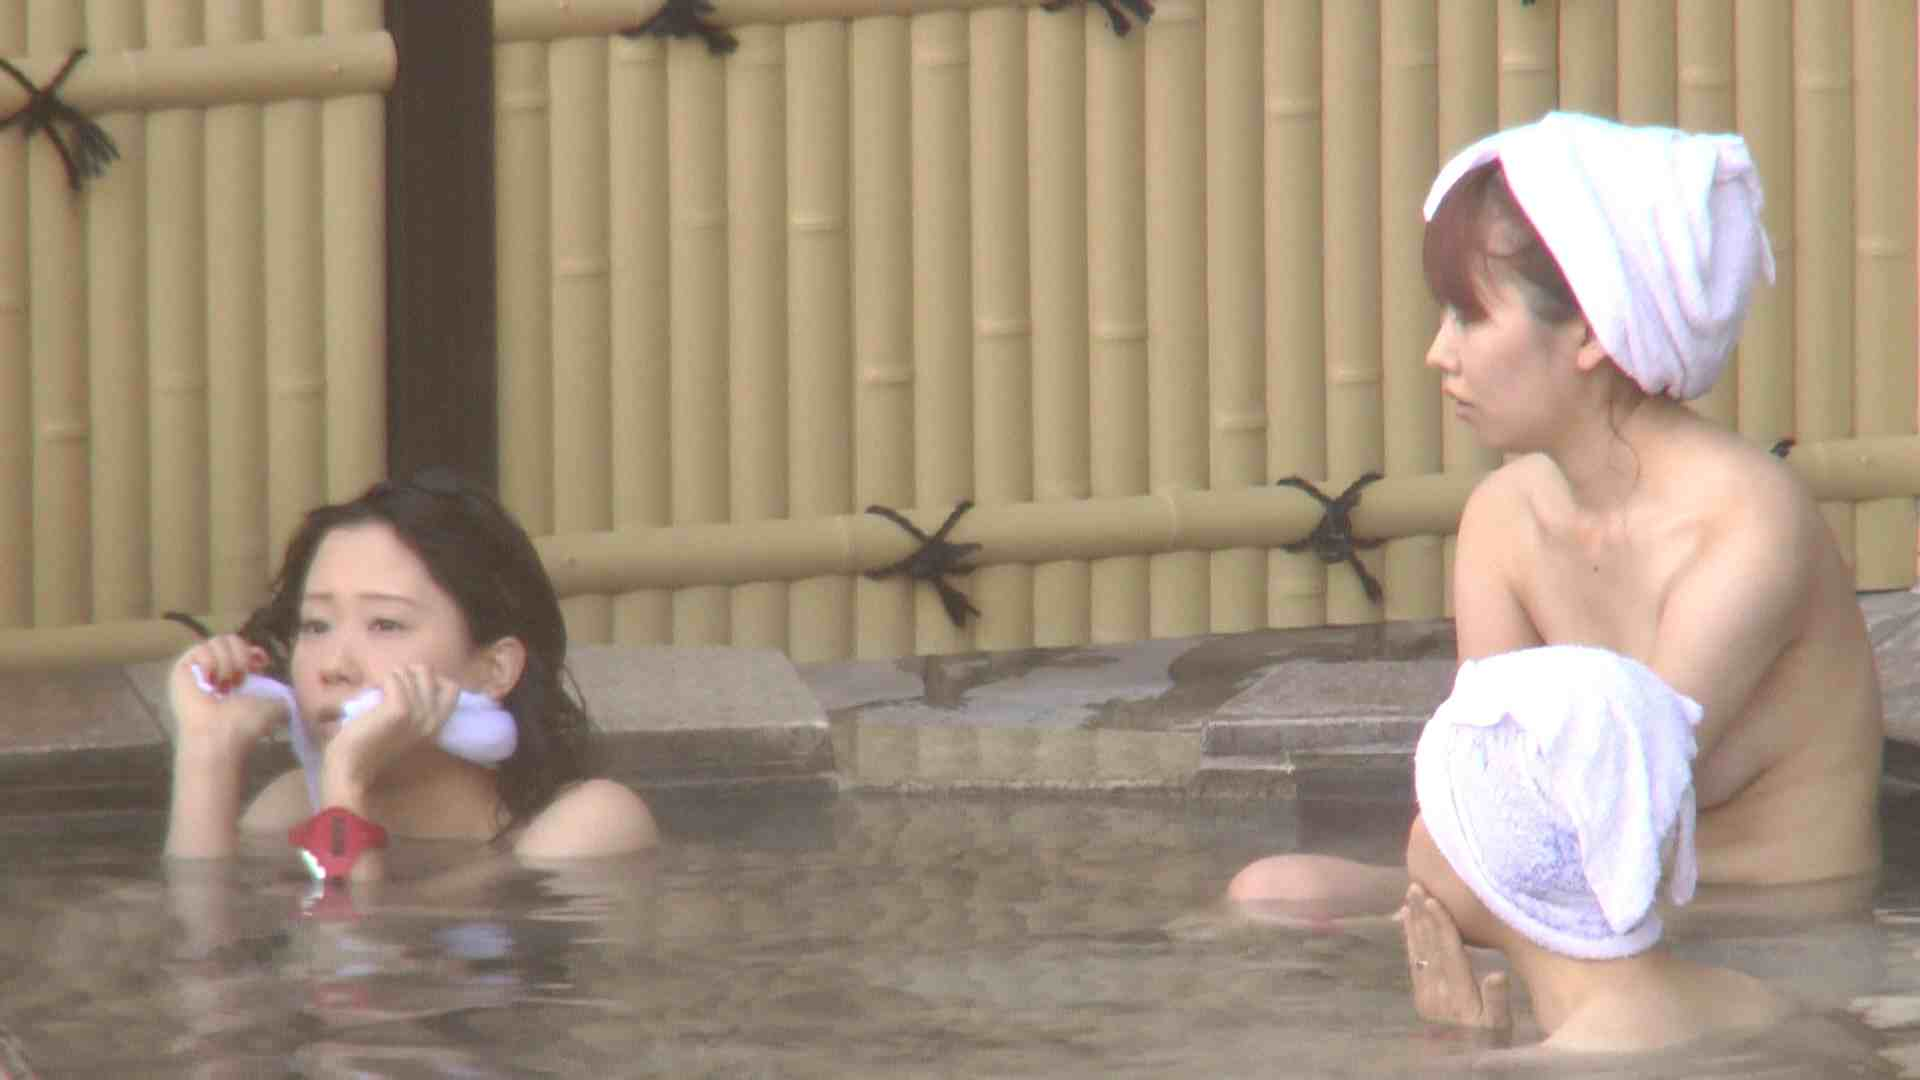 Aquaな露天風呂Vol.211 盗撮 オメコ動画キャプチャ 91連発 41